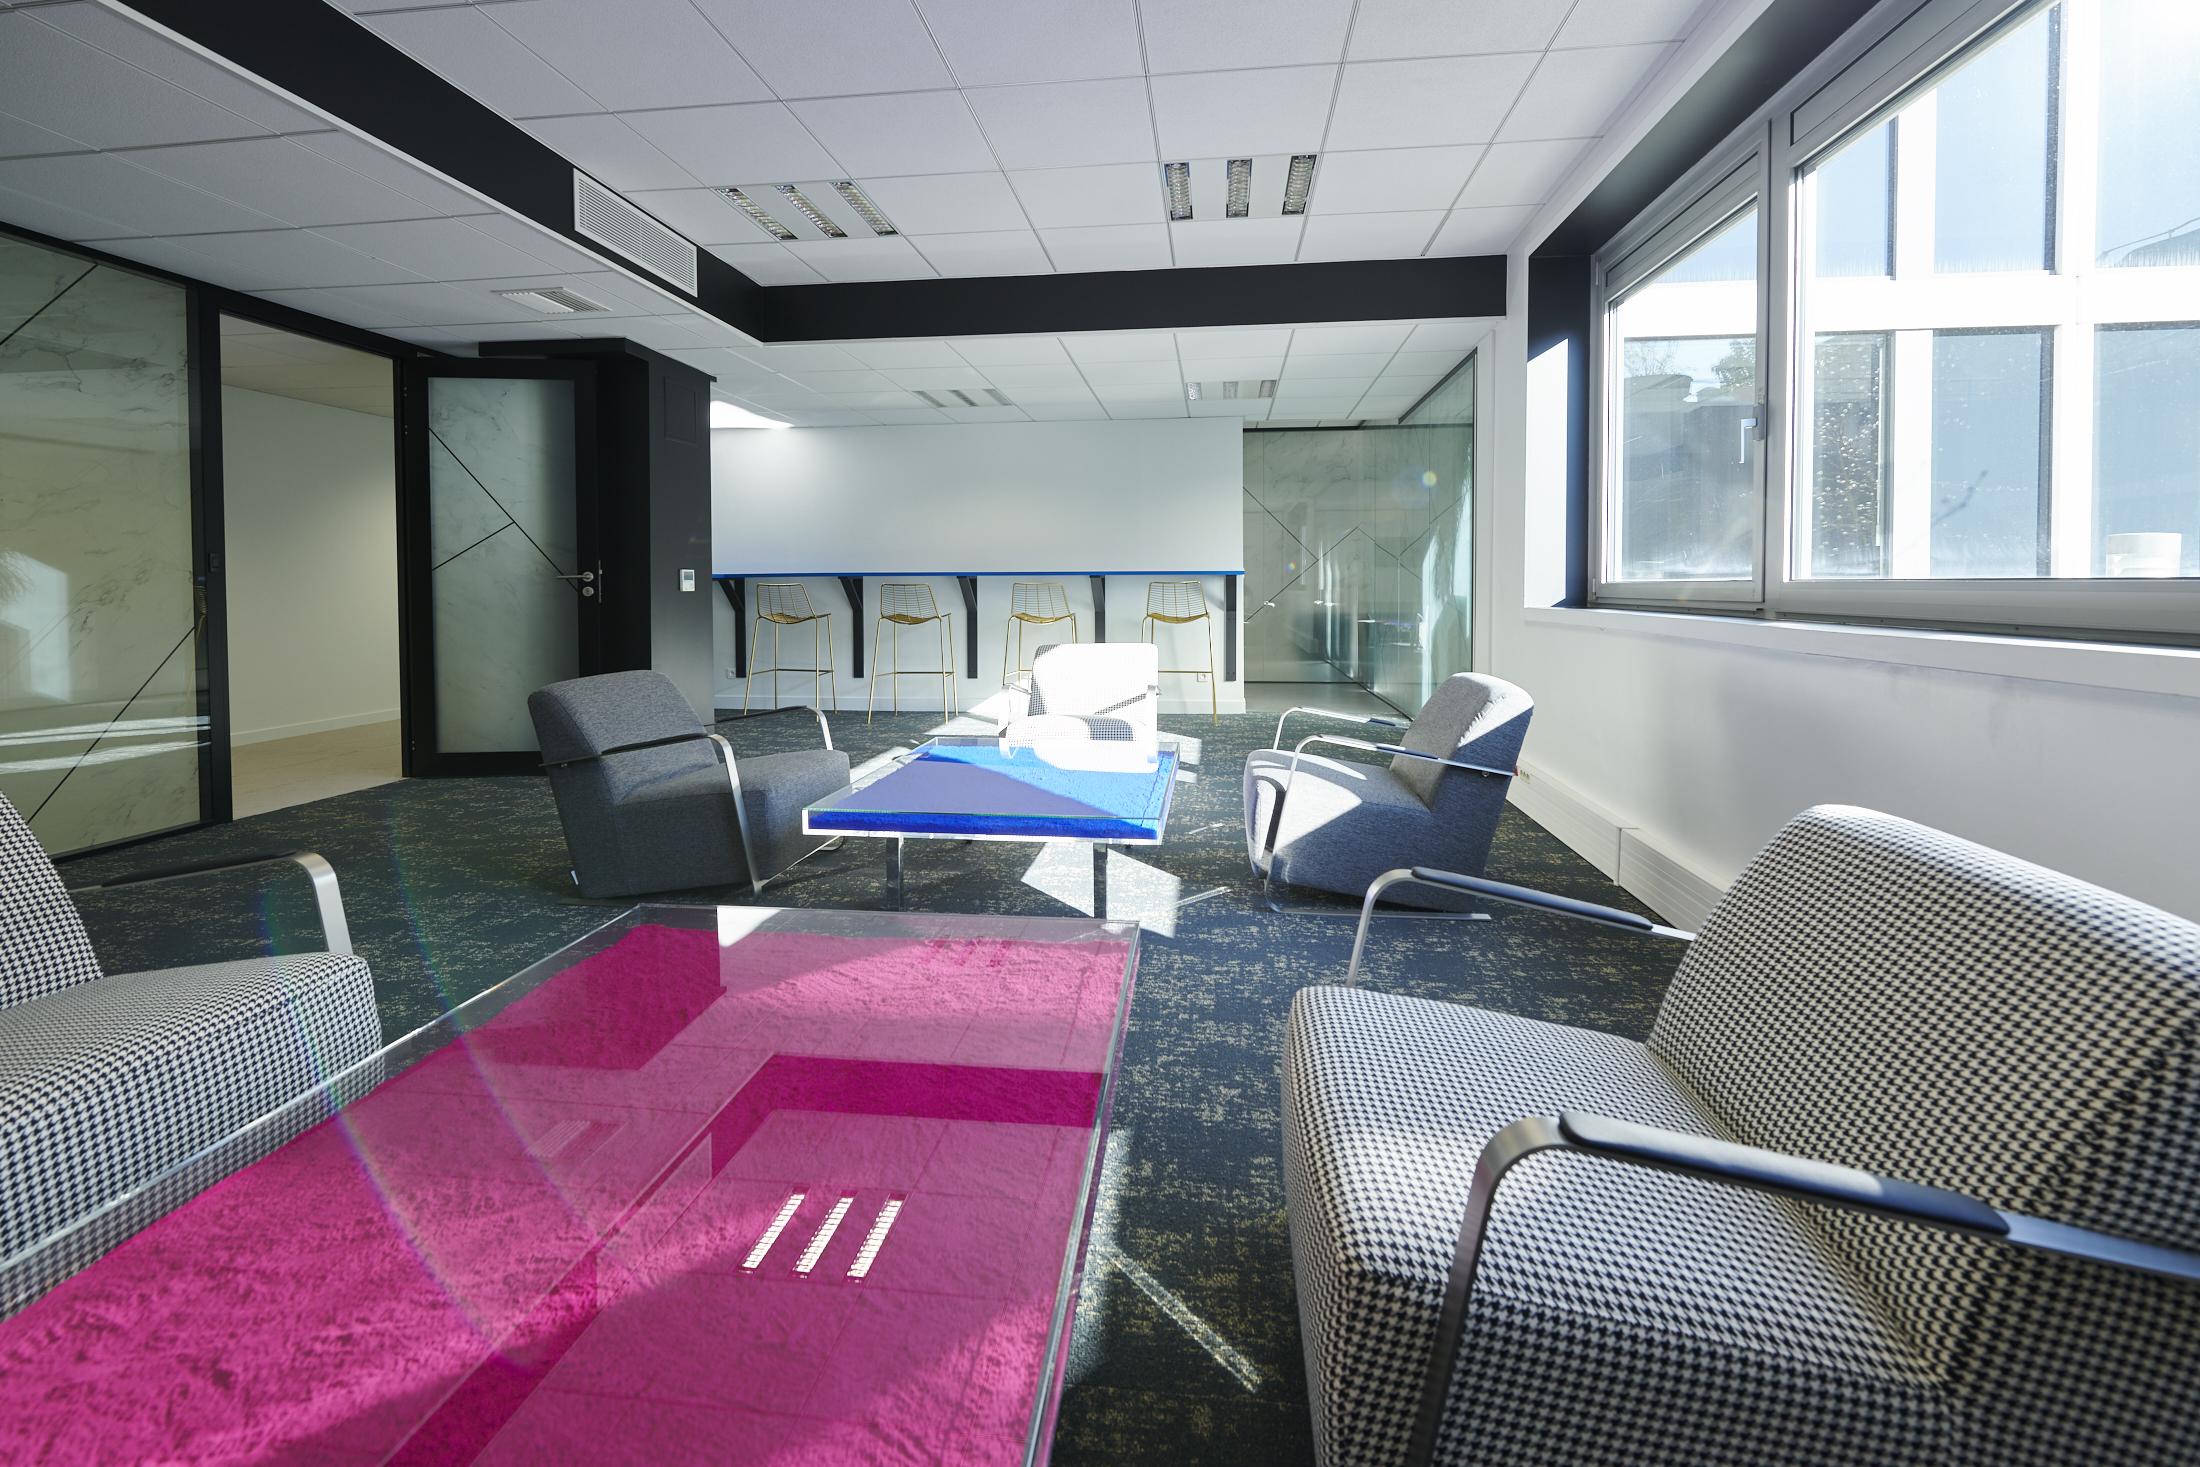 table basse-fauteuil d'attente-plafond acoustique-moquette acoustique